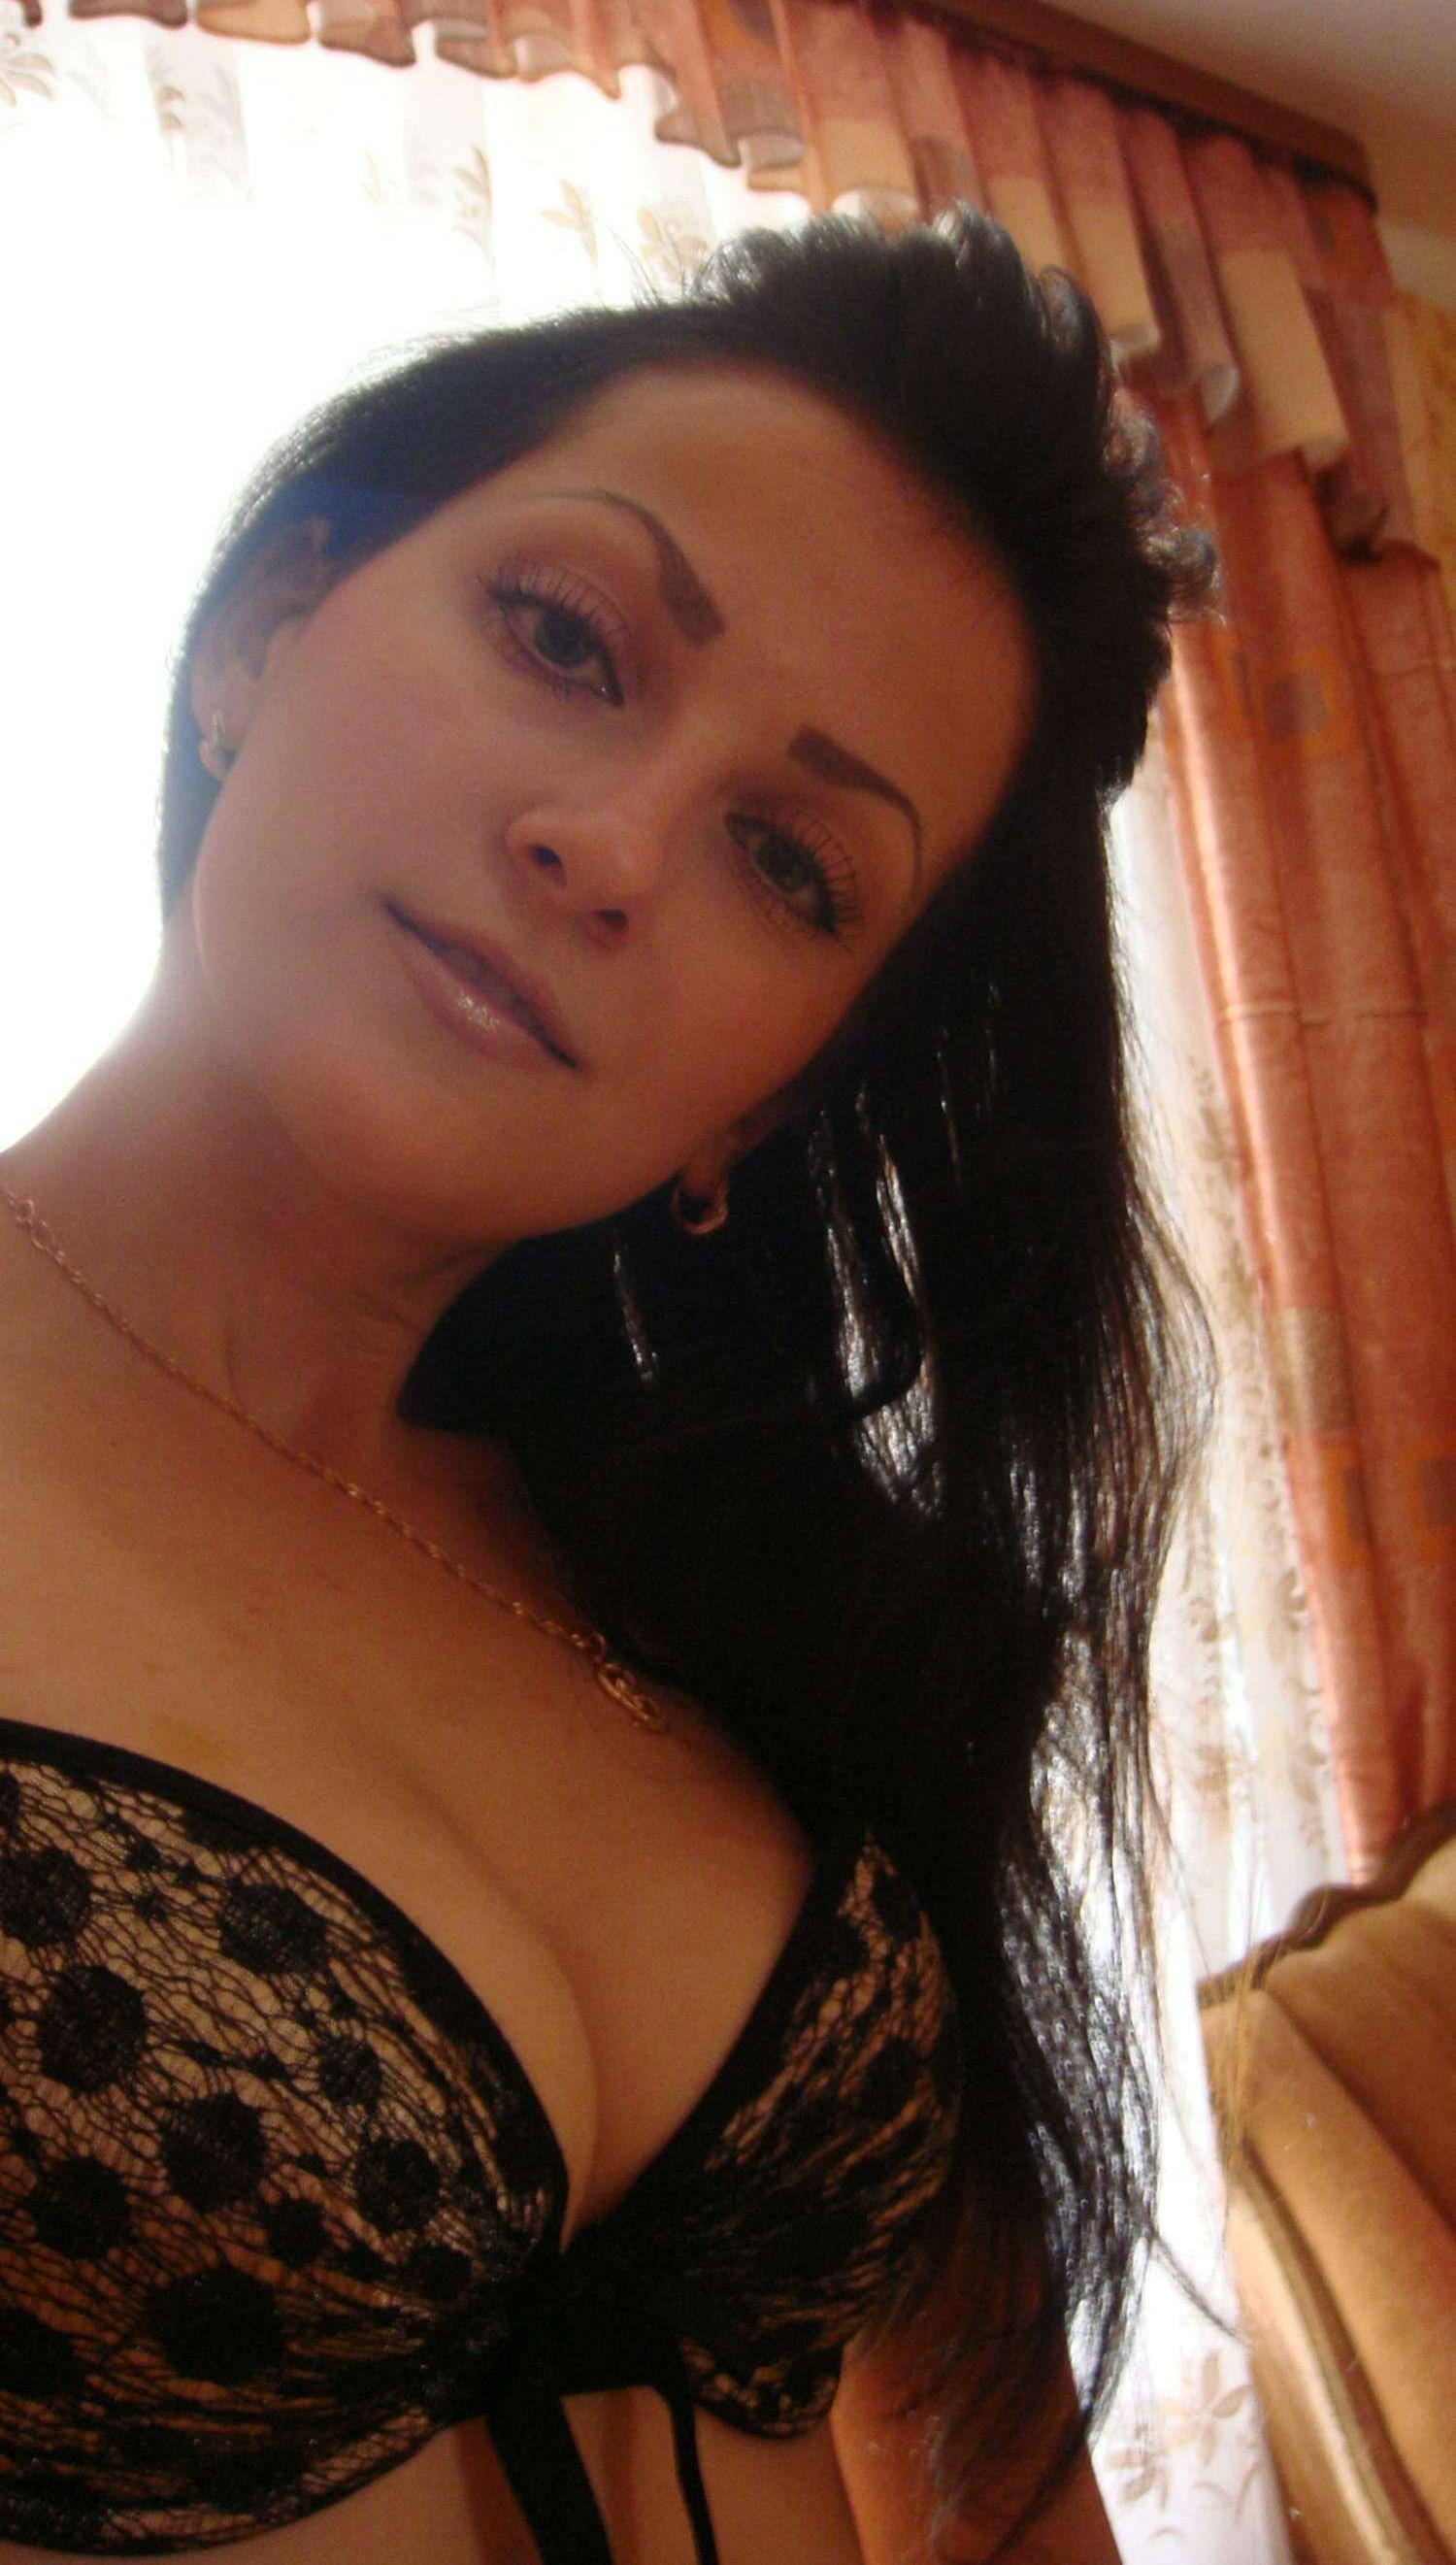 brunette-amateur-nude-milf-07